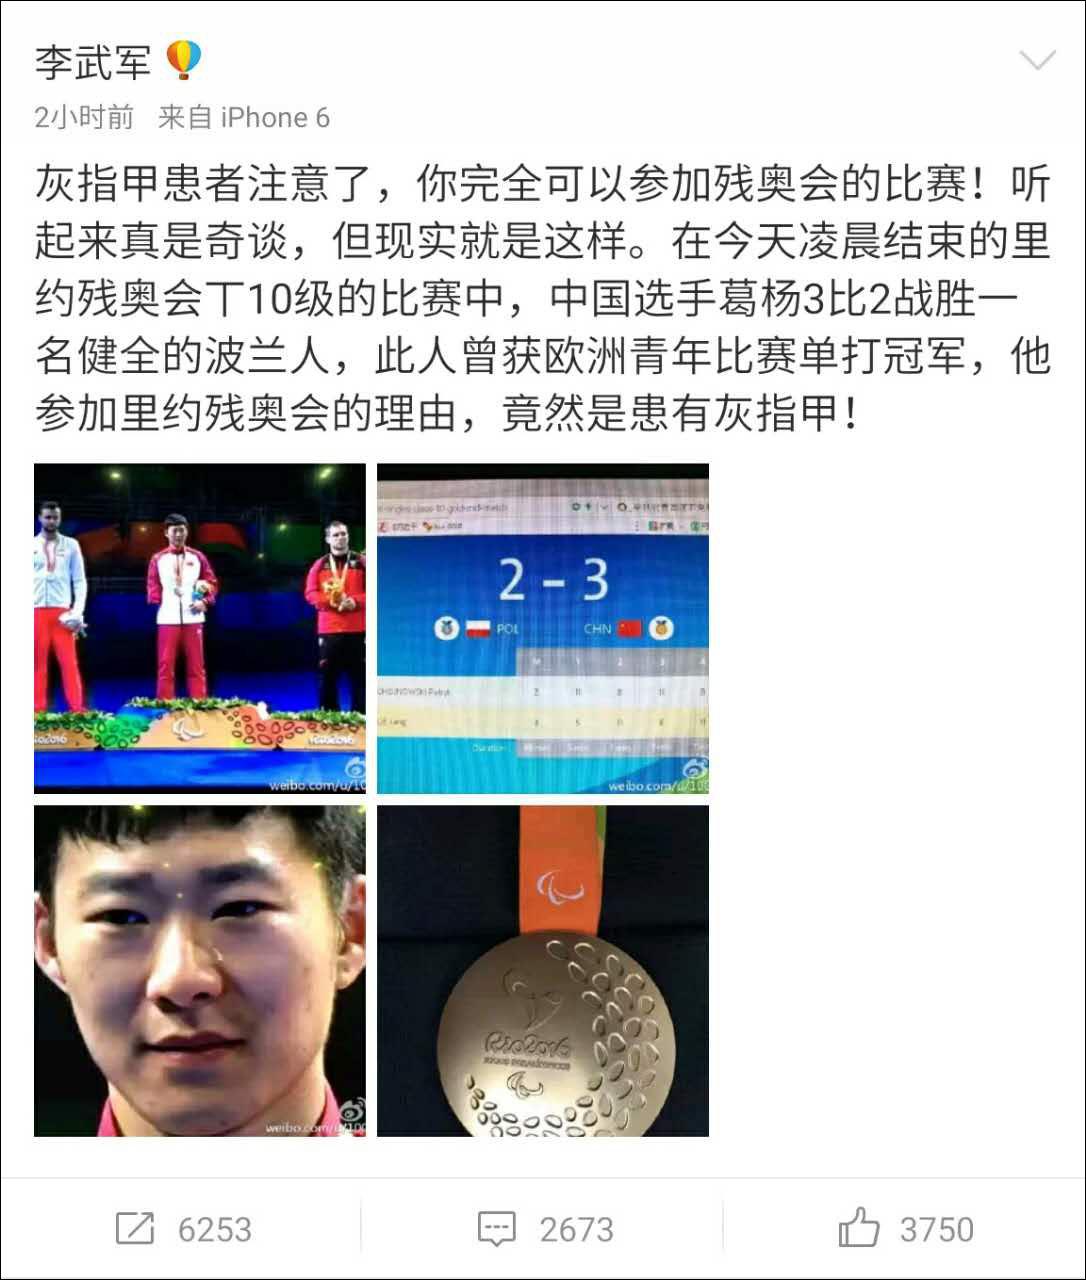 对此,网友表示:各种疑难杂症时刻准备替祖国出征残奥会